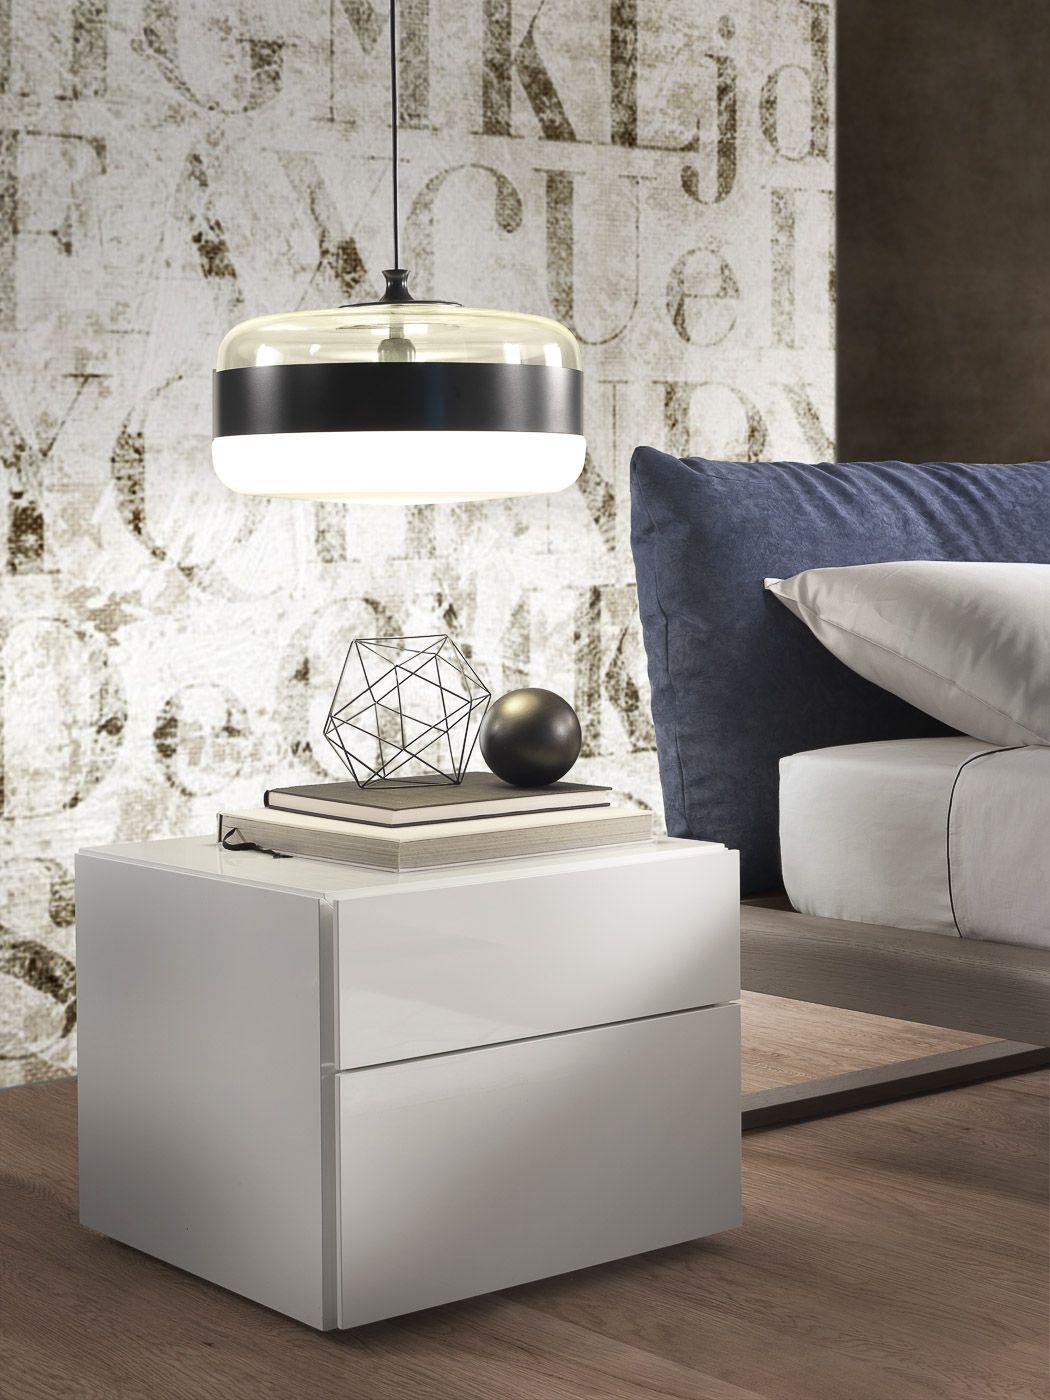 Designermöbel im von Haus deko, Design und Bett